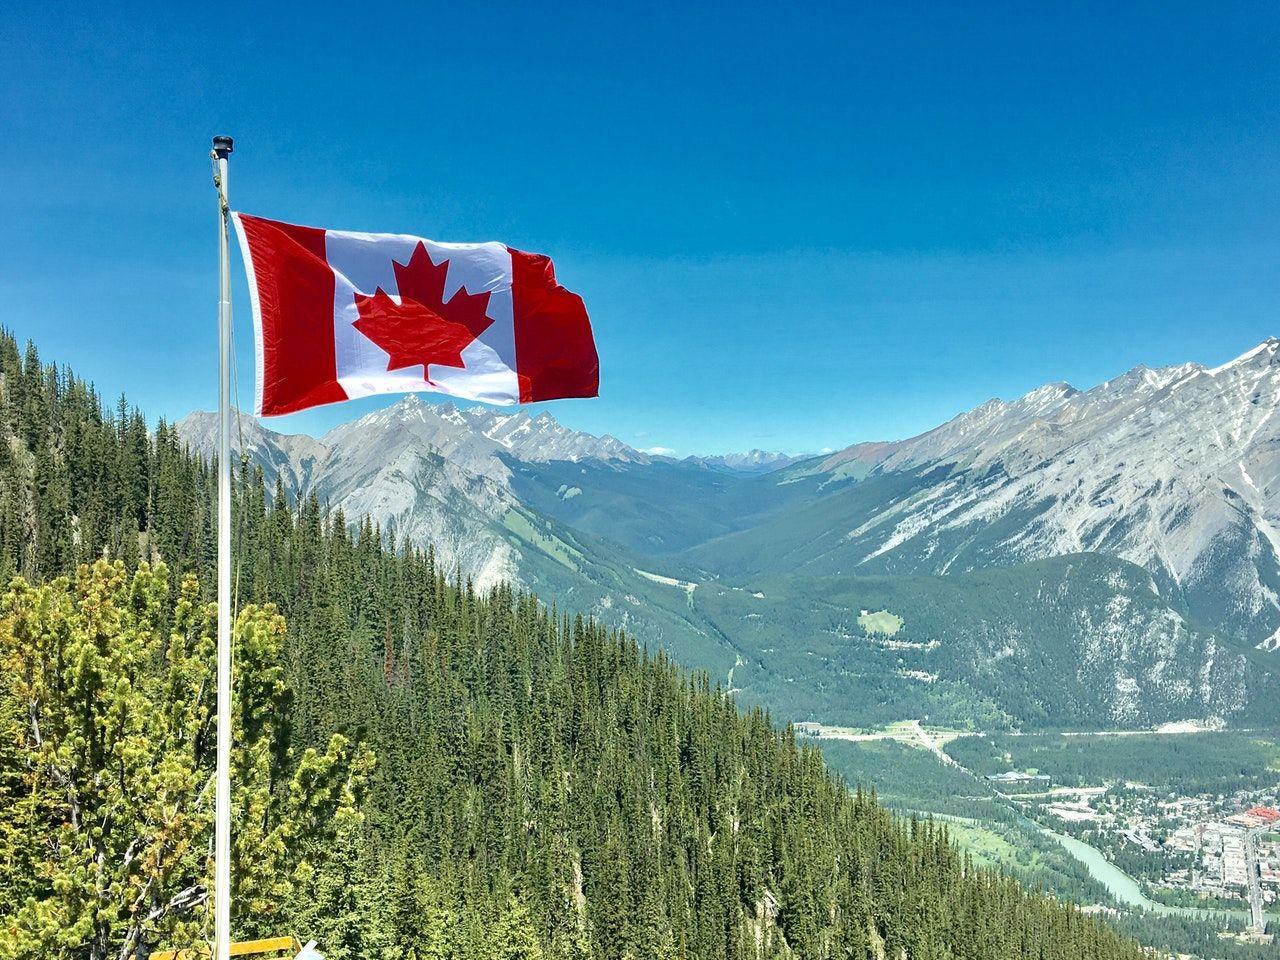 bandeira do Canadá nas montanhas